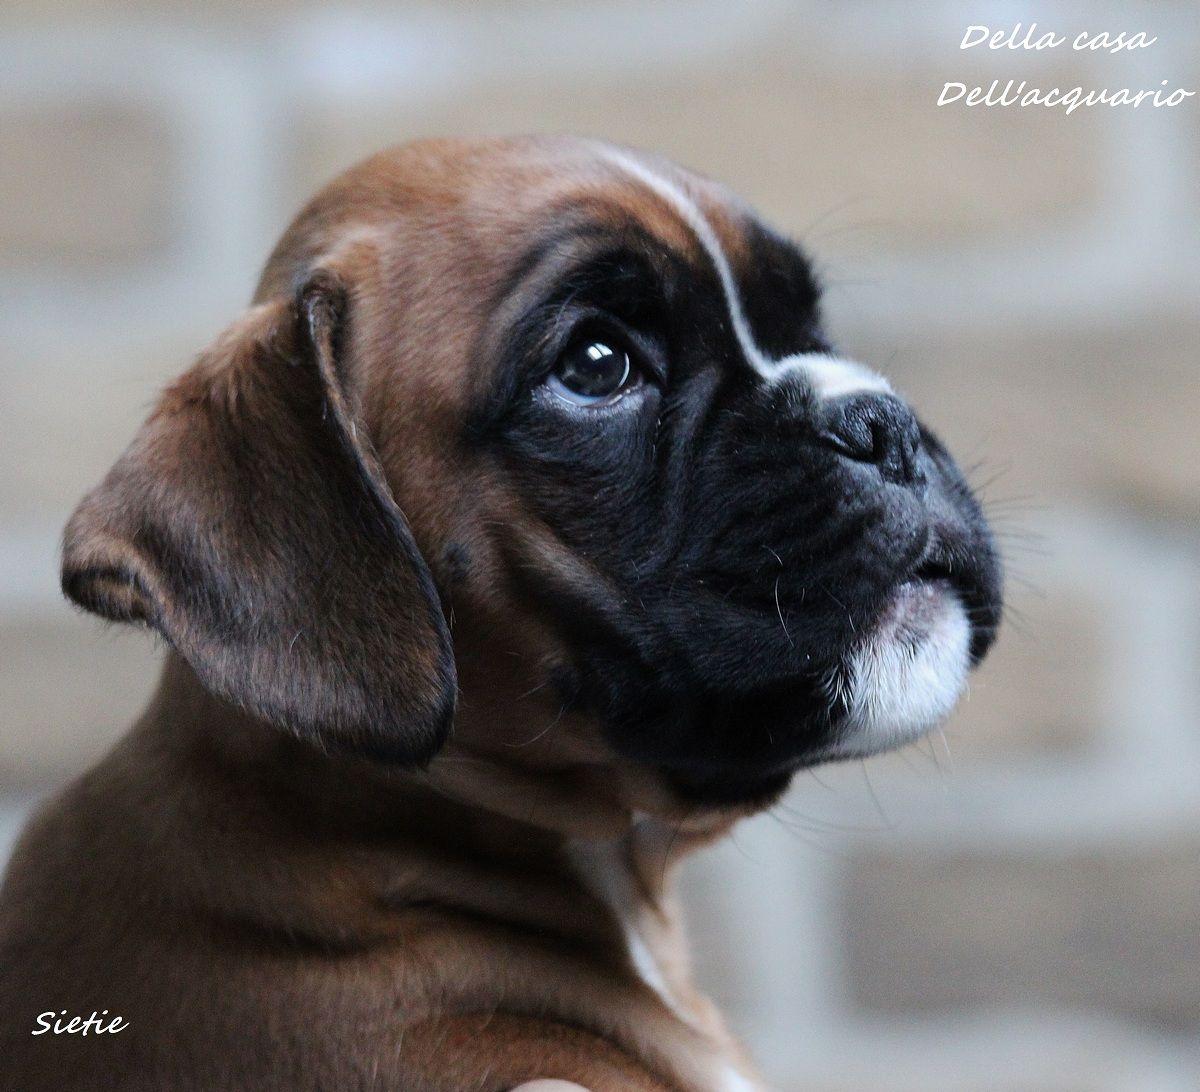 Mooiste Boxer Ter Wereld Most Beautiful Boxer Dog In The World Our Faye Della Casa Dell Acquario Boxer Puppies Boxer Dogs Brindle Boxer Dogs